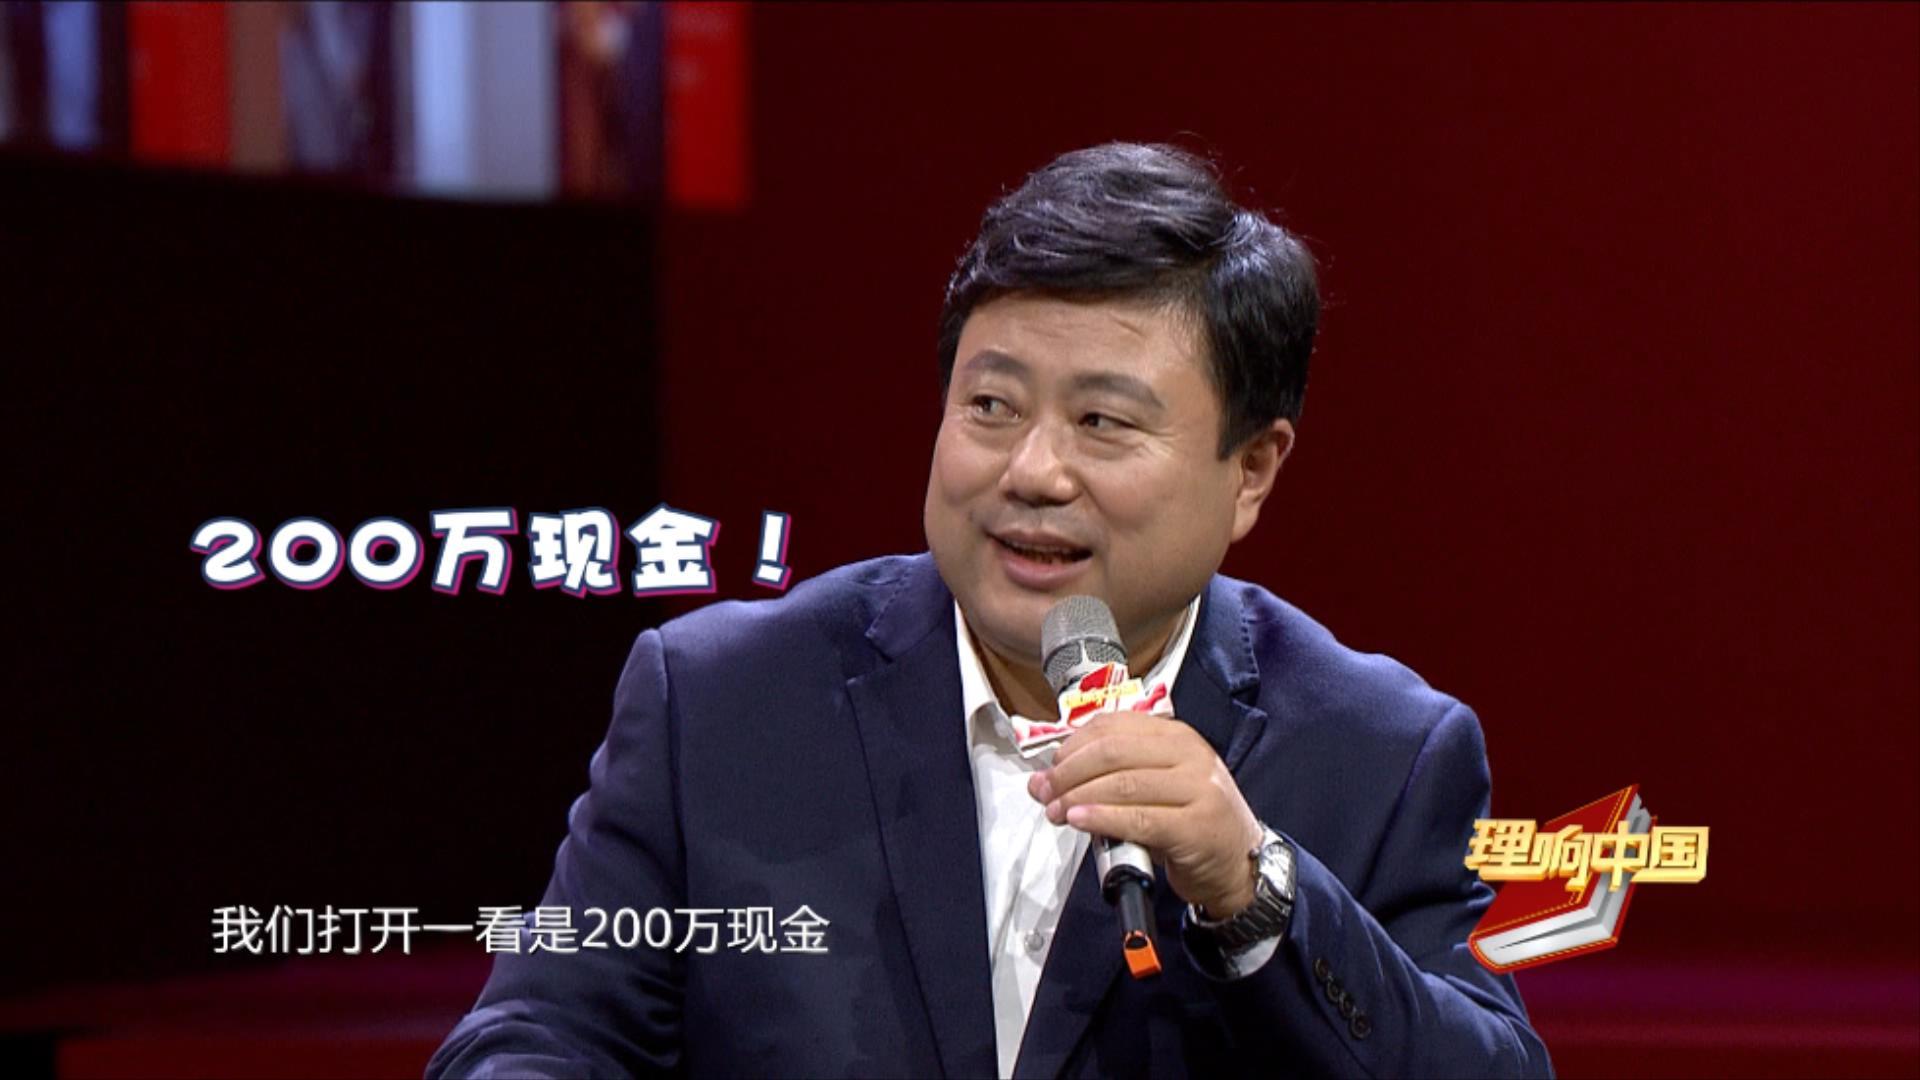 理响中国1212_20181220135239.JPG